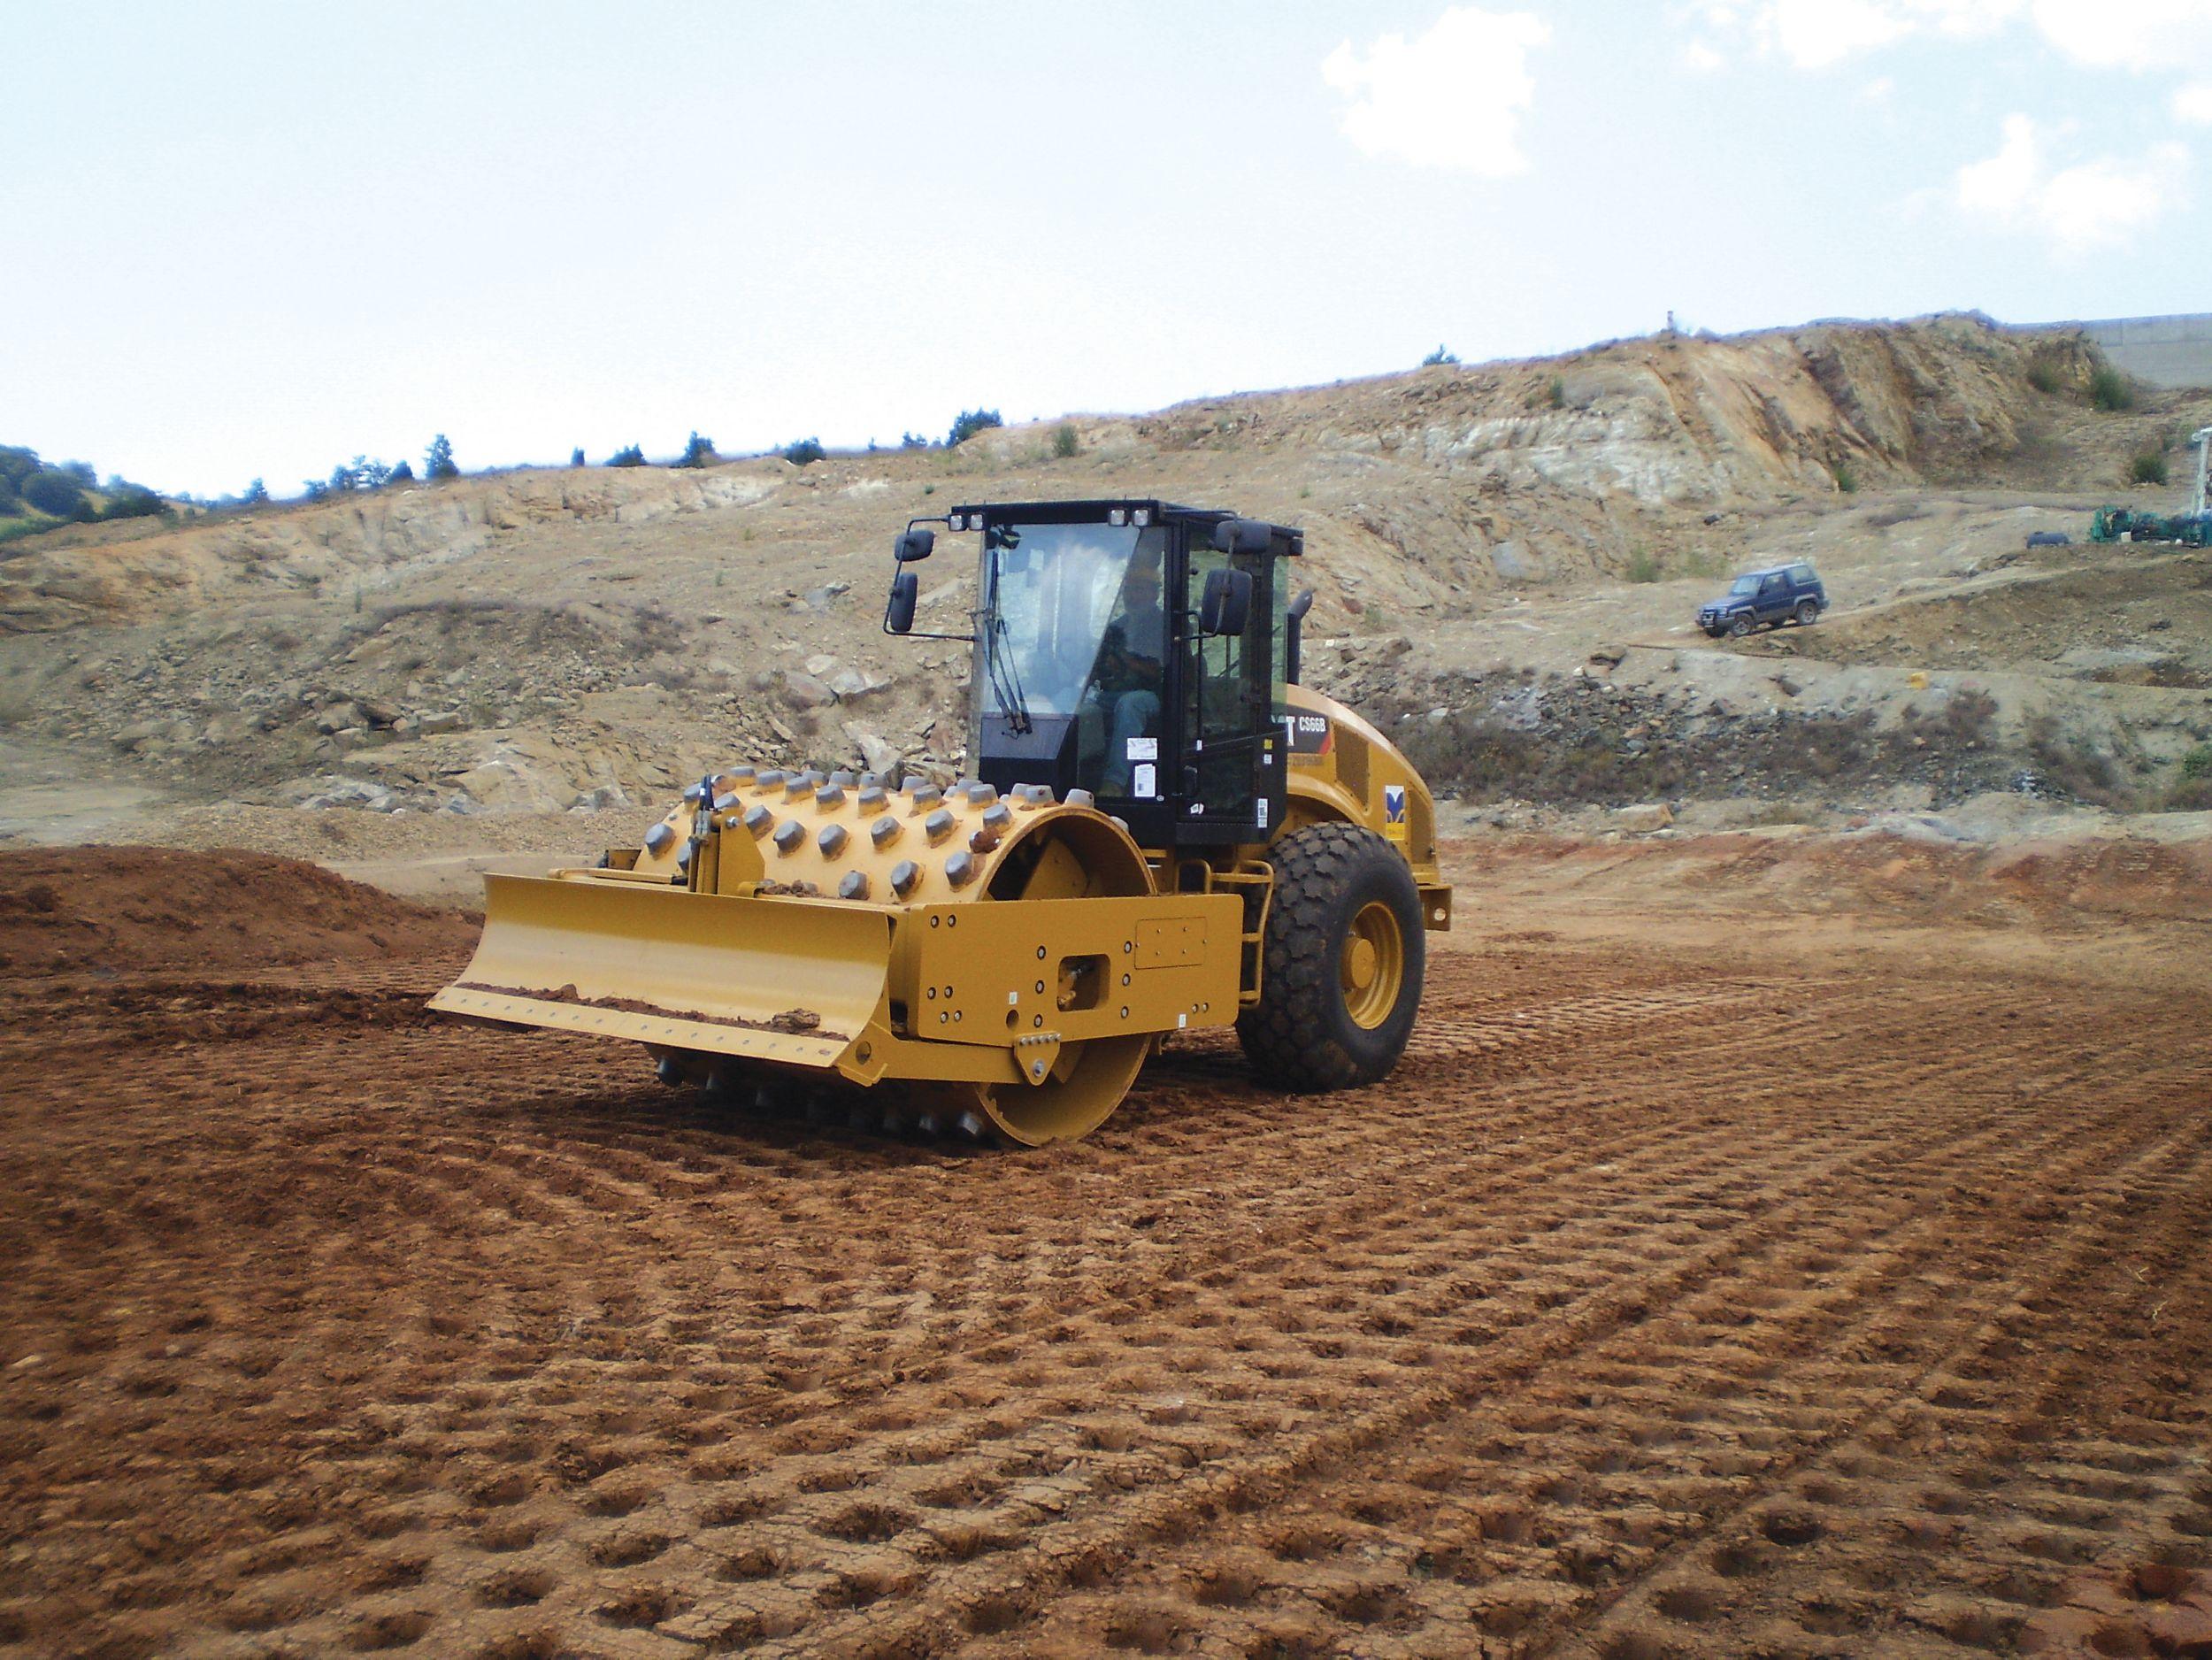 TENA SA convirtió este trabajo de pesadilla en un sueño con la ayuda de una nueva tecnología de medición de la compactación del suelo integrada en la máquina llamada Machine Drive Power, o MDP.